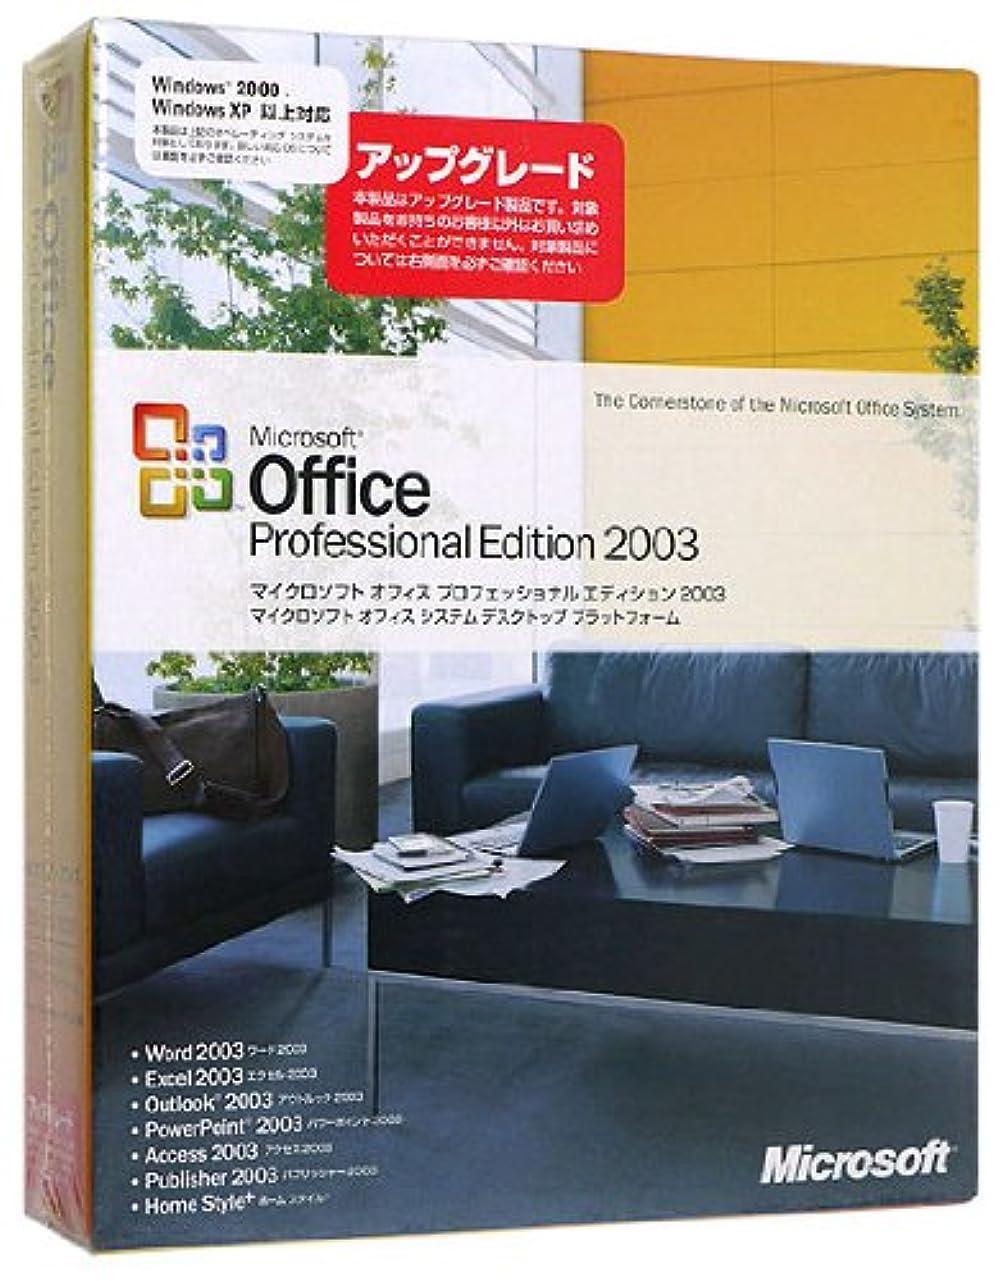 ディンカルビルケーキ機密【旧商品/サポート終了】Microsoft Office Professional Edition 2003 アップグレード